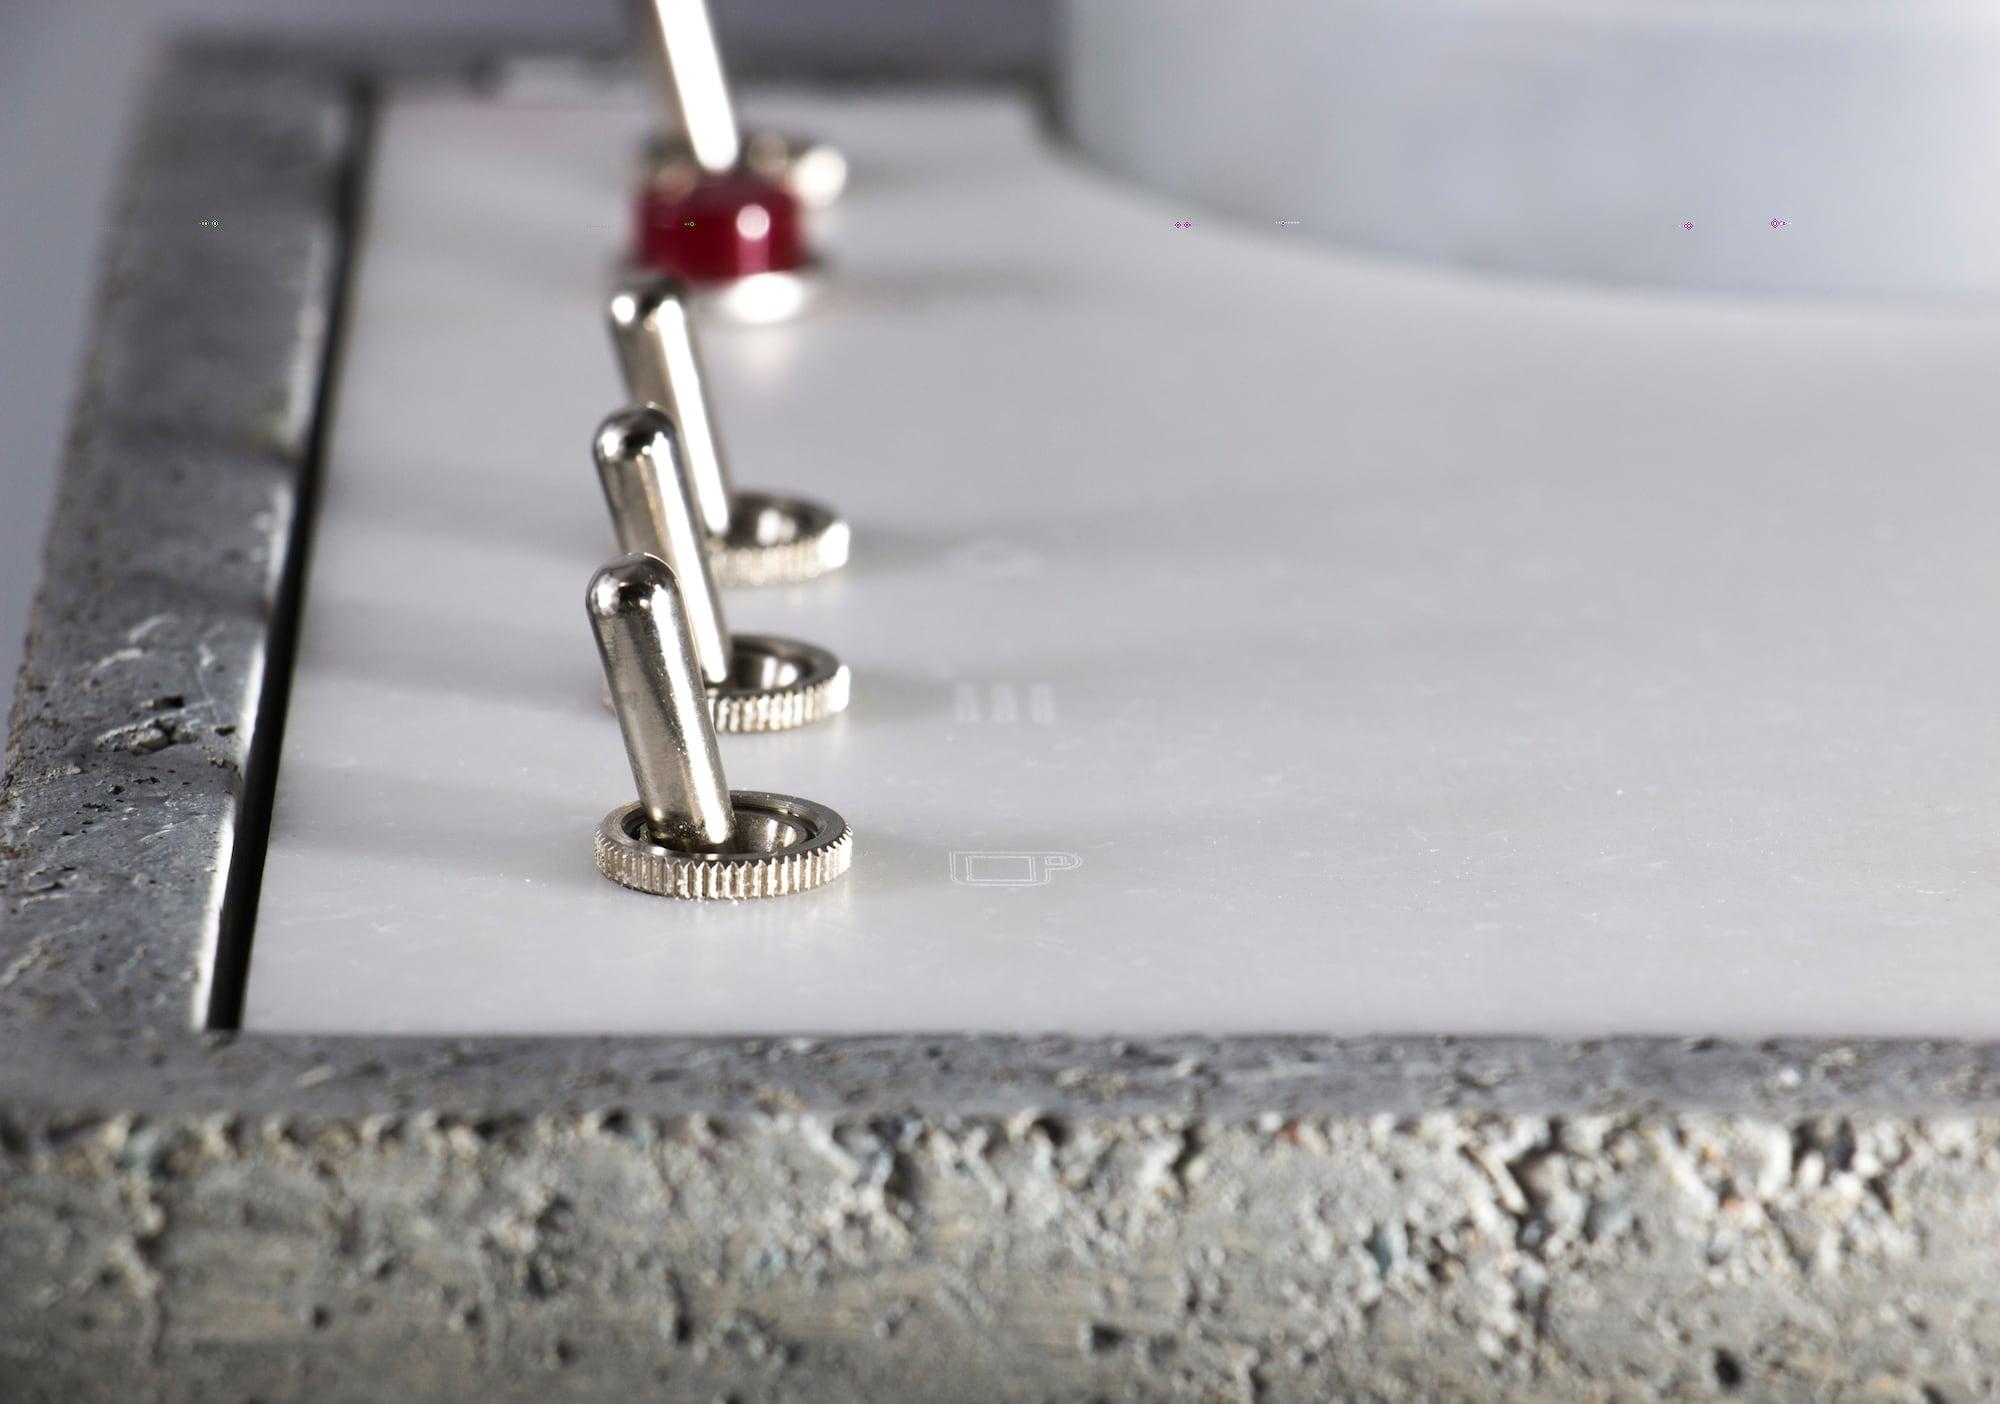 So lecker ist Sichtbeton: Die Anza Concrete Espresso Machine 3